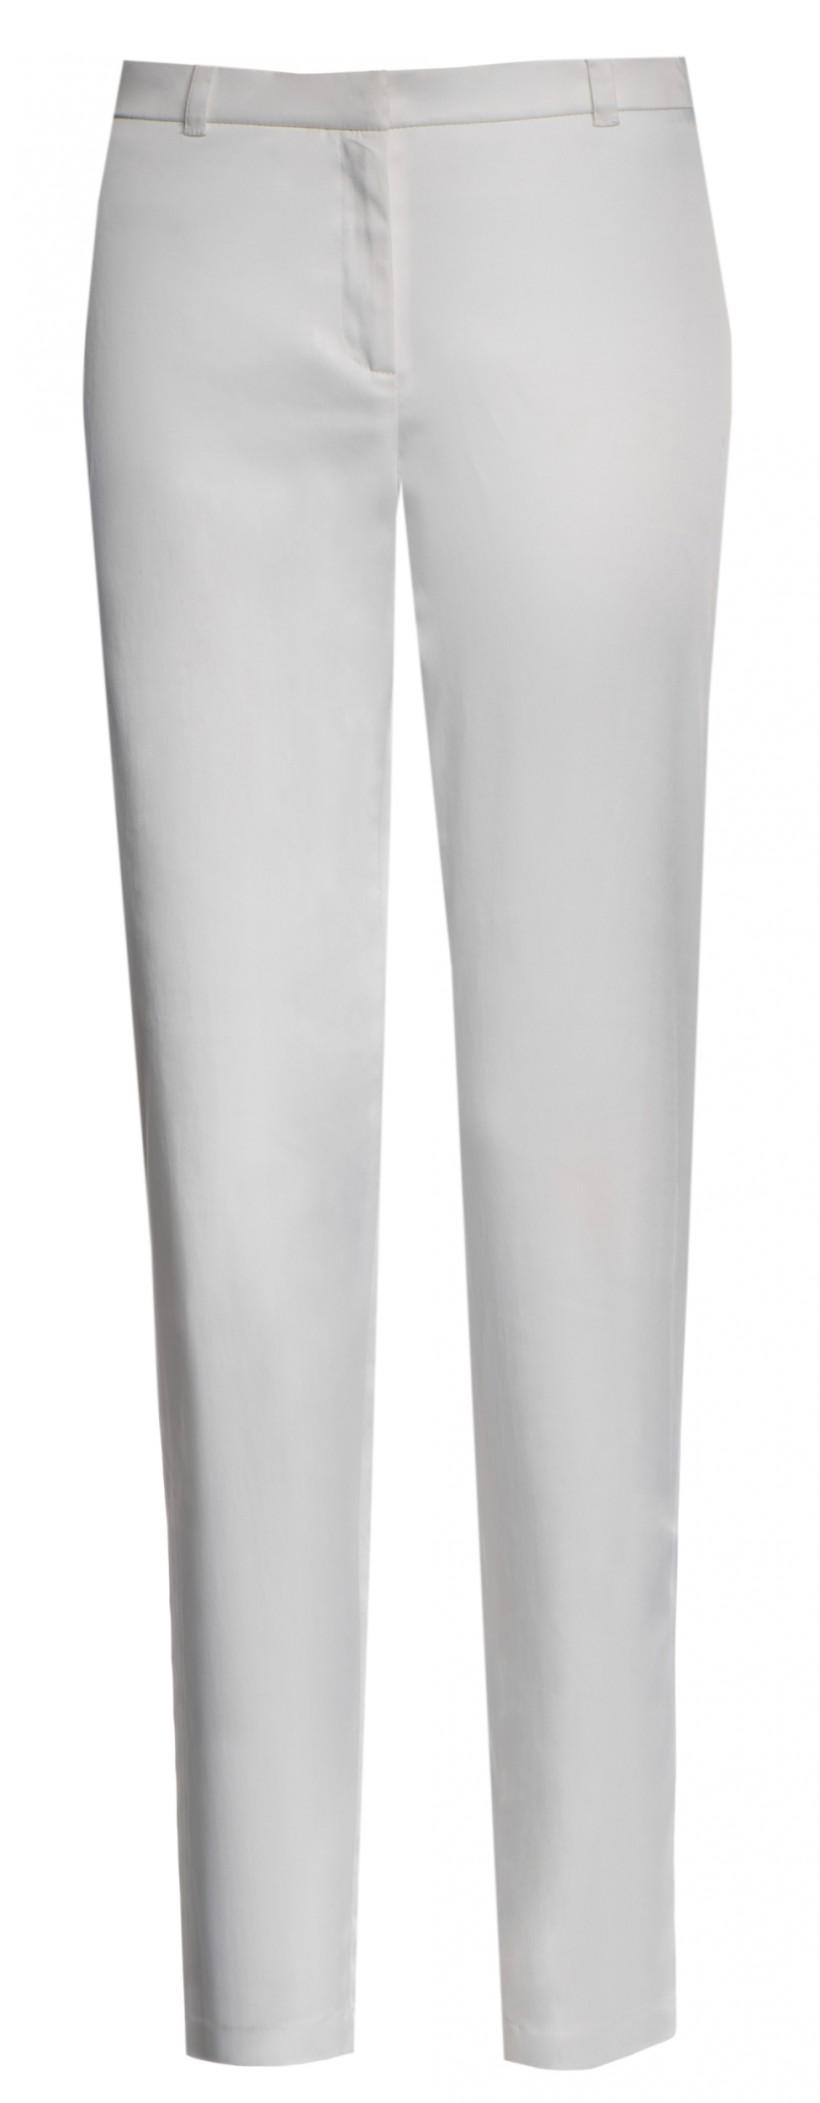 Spodnie ze zwężanymi nogawkami